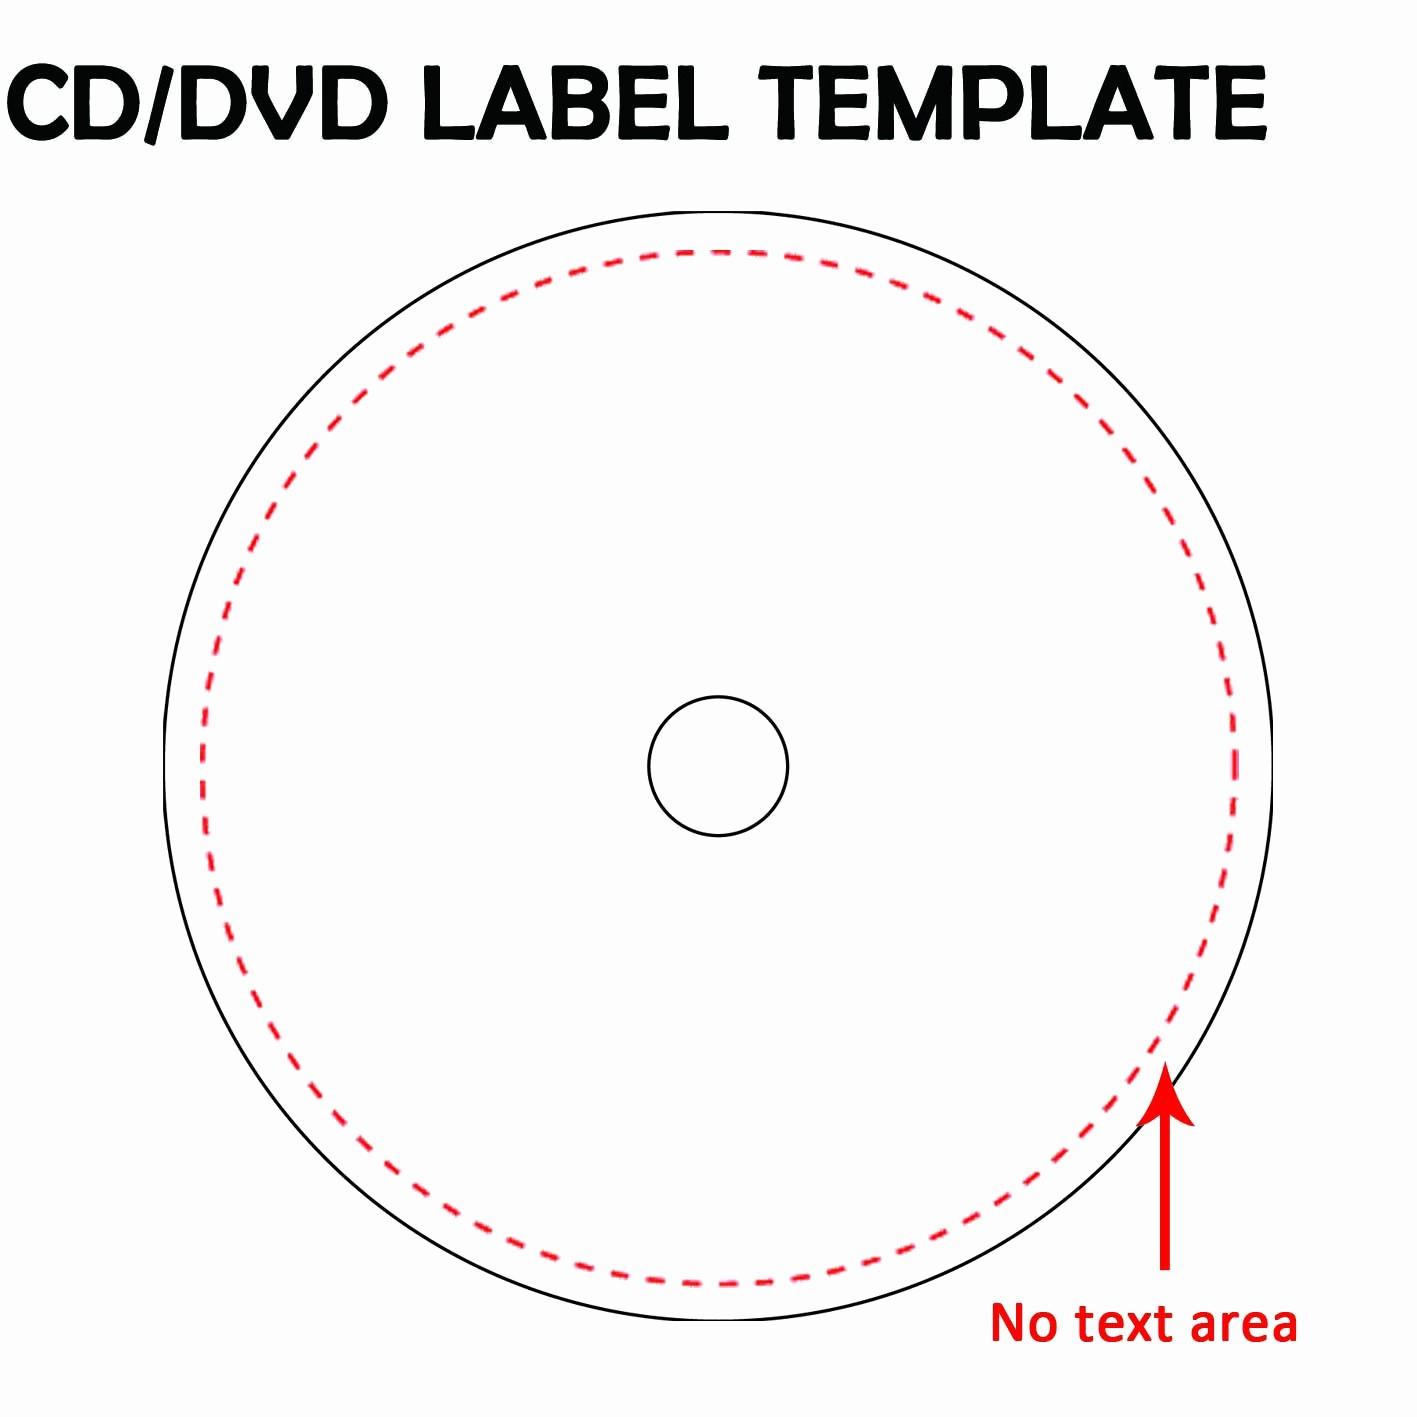 Microsoft Word Cd Label Template Unique Template Cd Label Template Cd Label Template